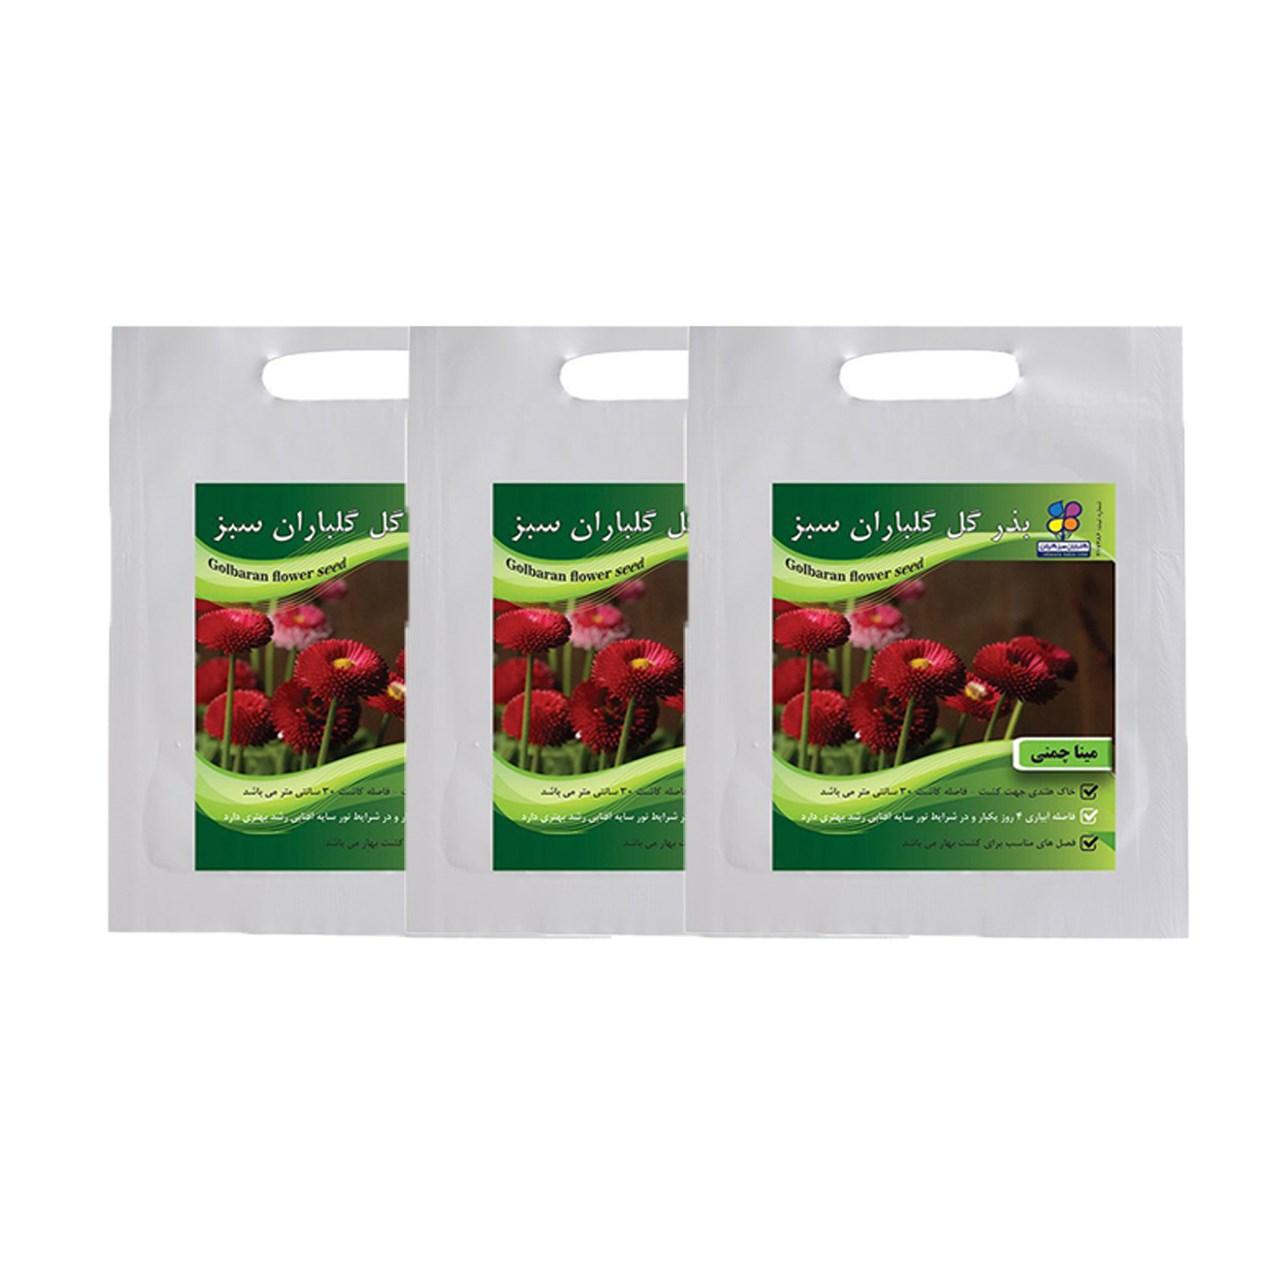 مجموعه بذر گل مینا چمنی گلباران سبز بسته 3 عددی